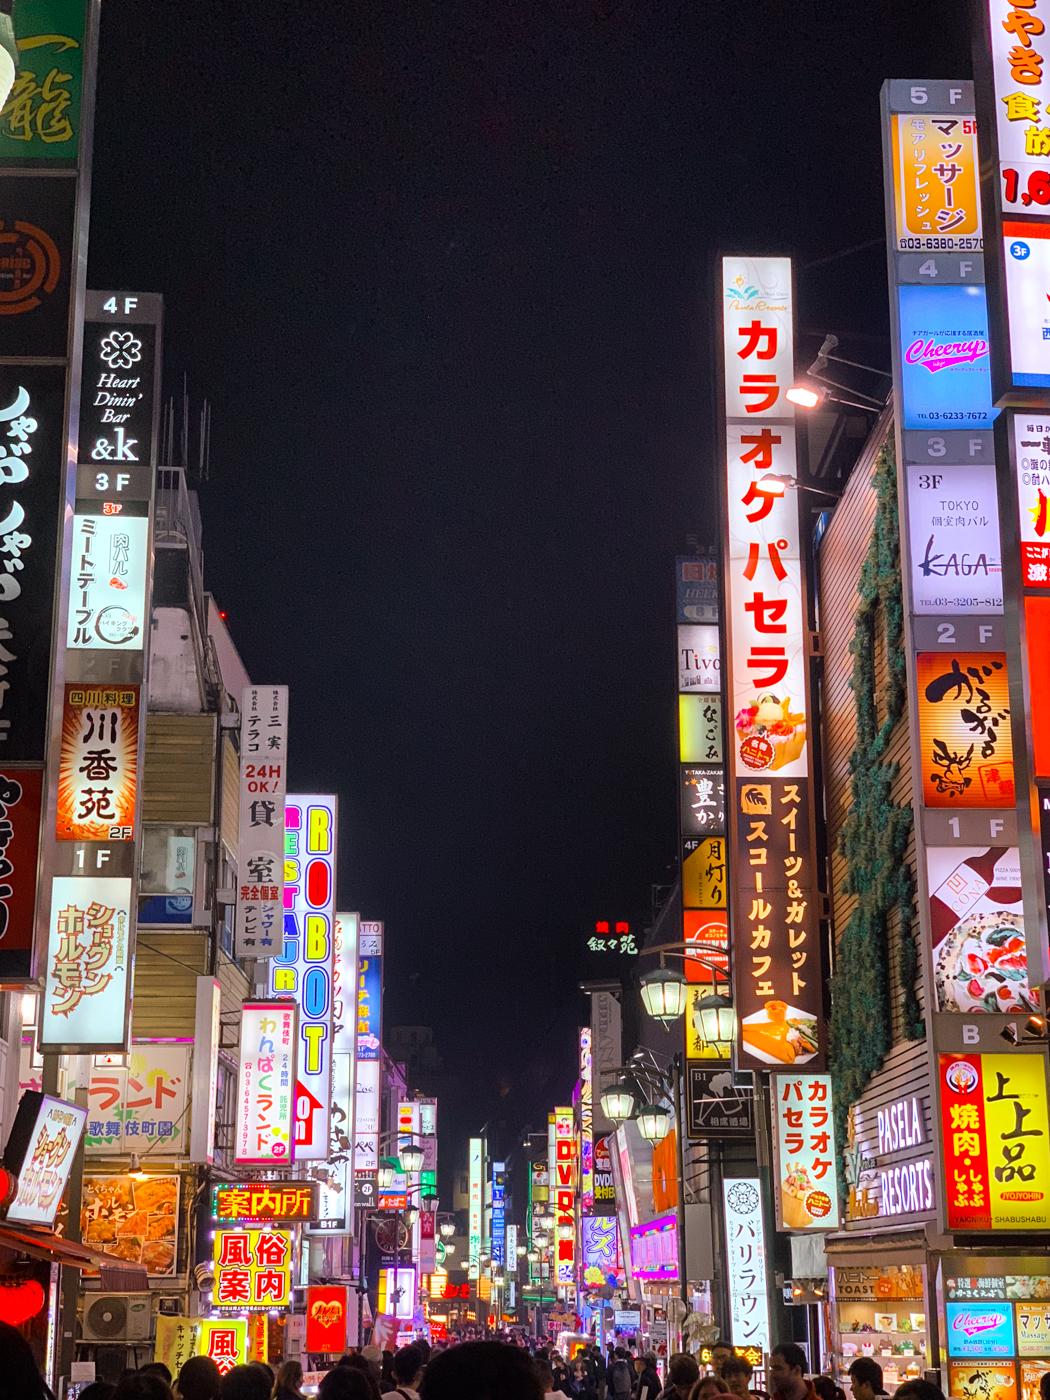 Shinjuku District | Tokyo, Japan